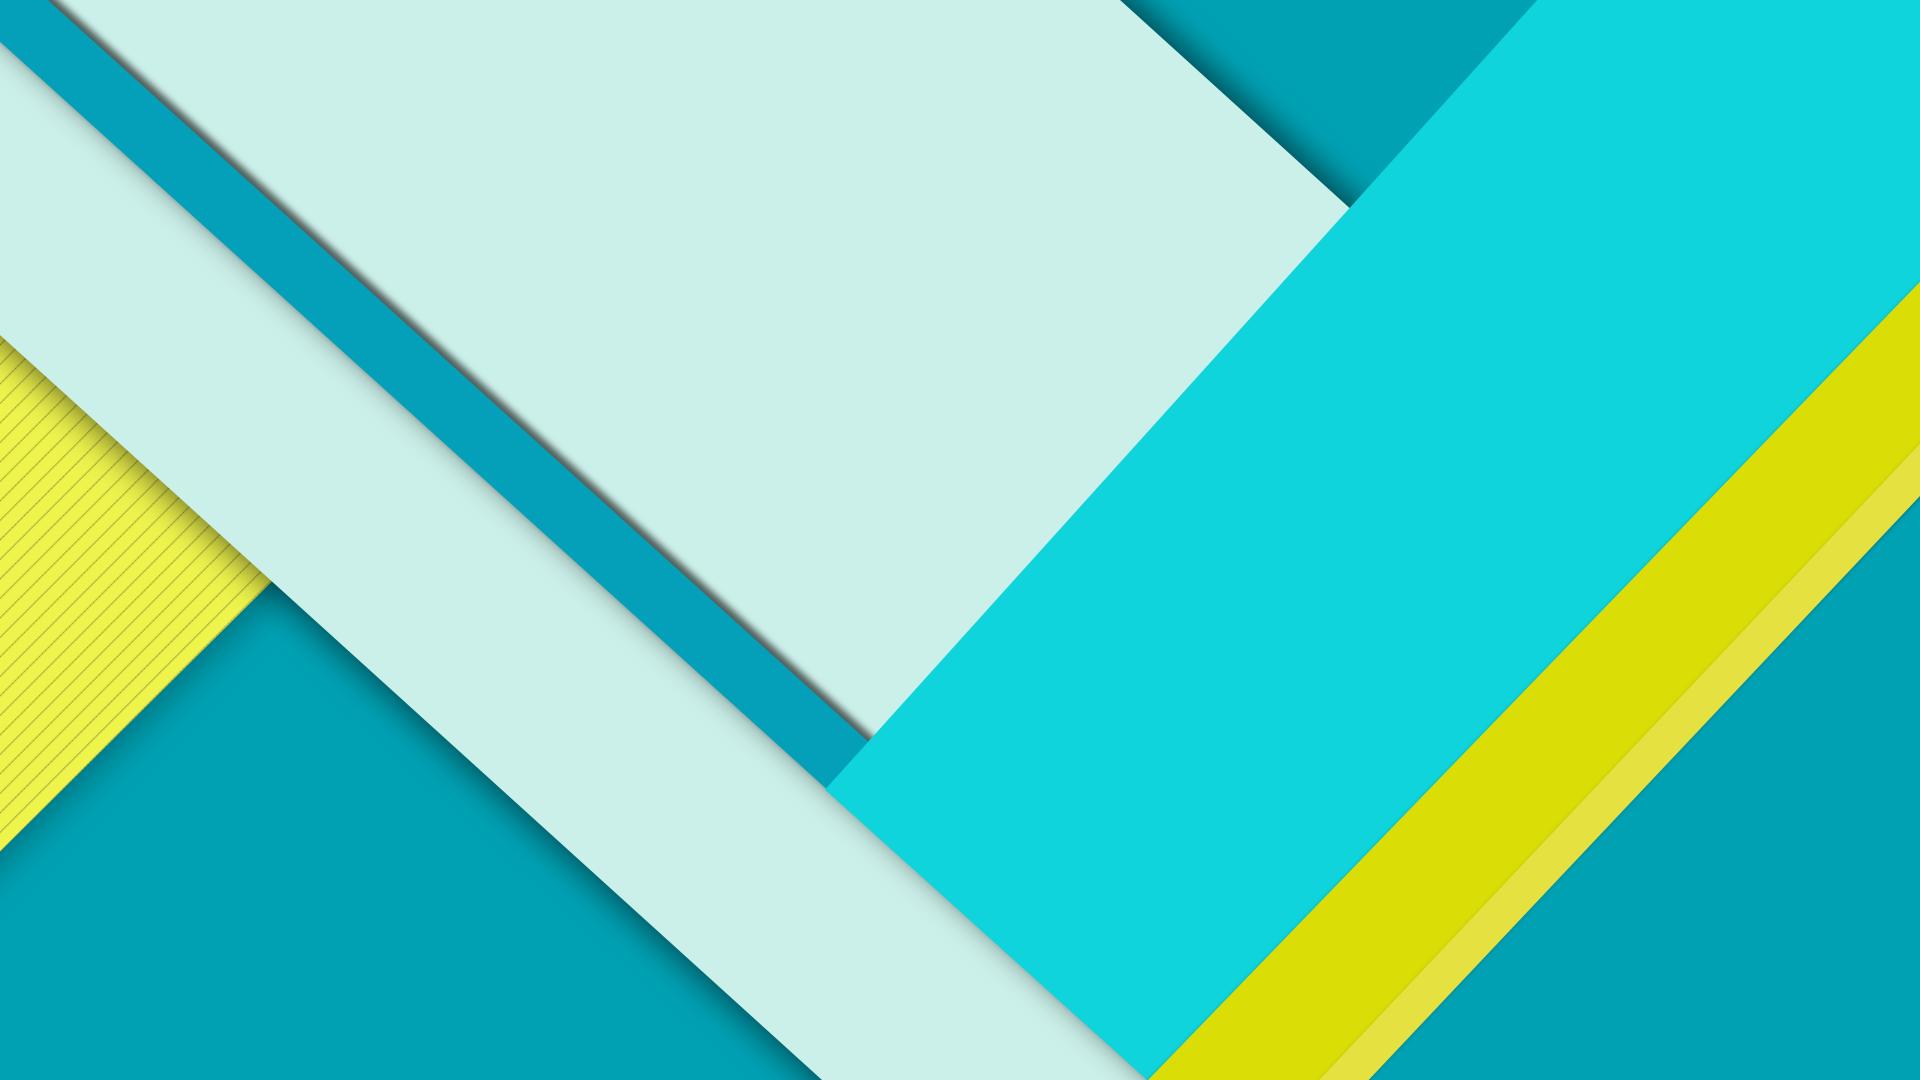 48 Material Design Wallpapers On Wallpapersafari